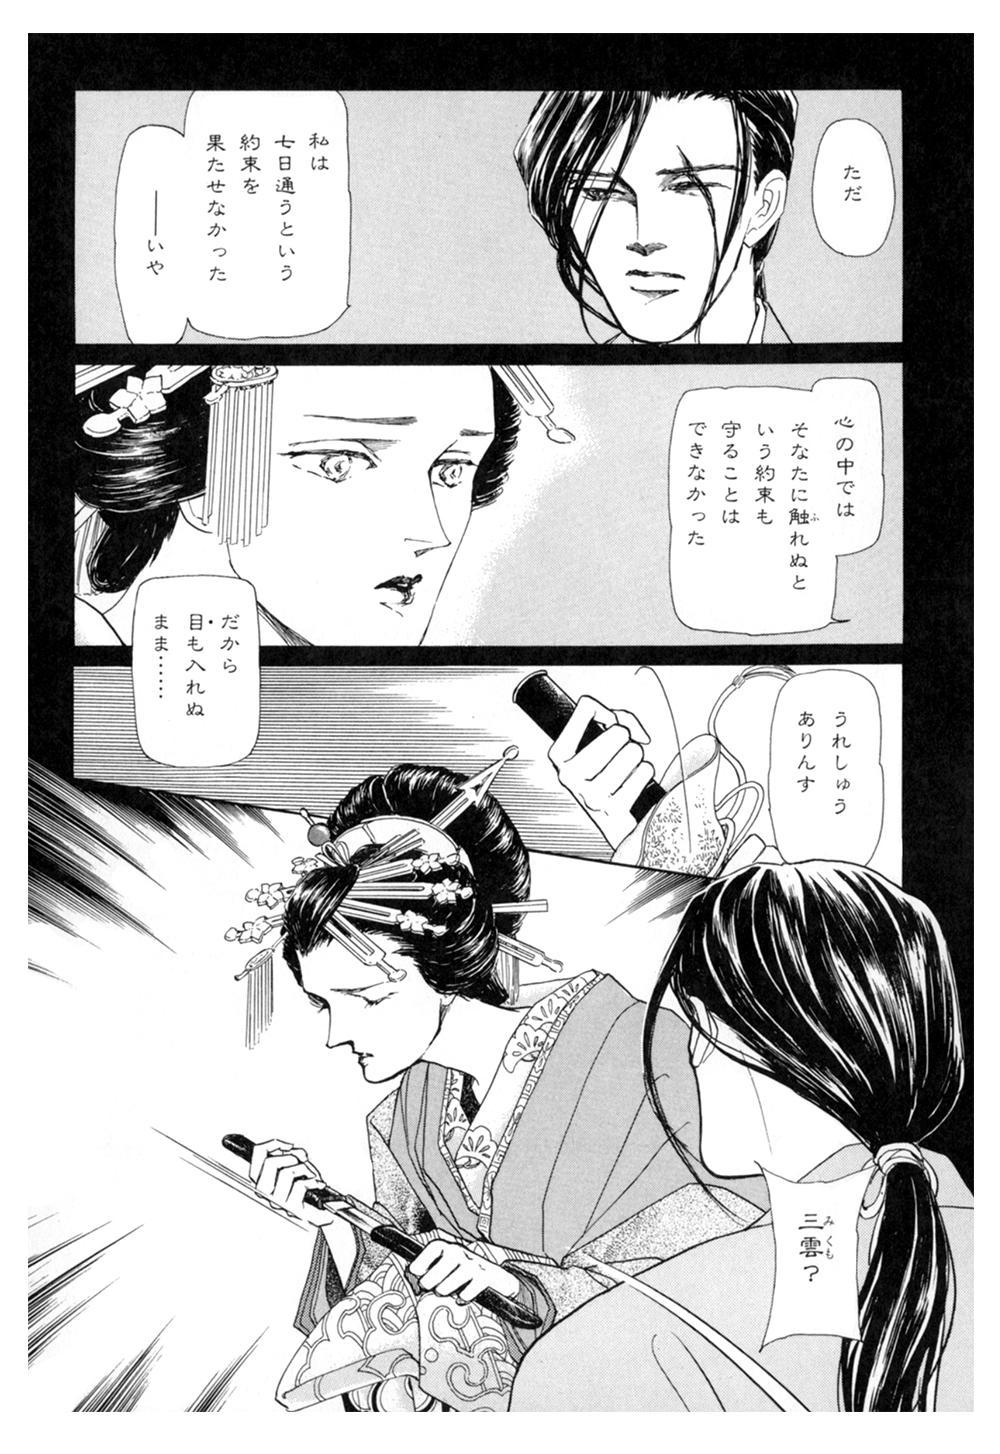 雨柳堂夢咄 第5話「花に暮れる」2uryudo-02-135.jpg